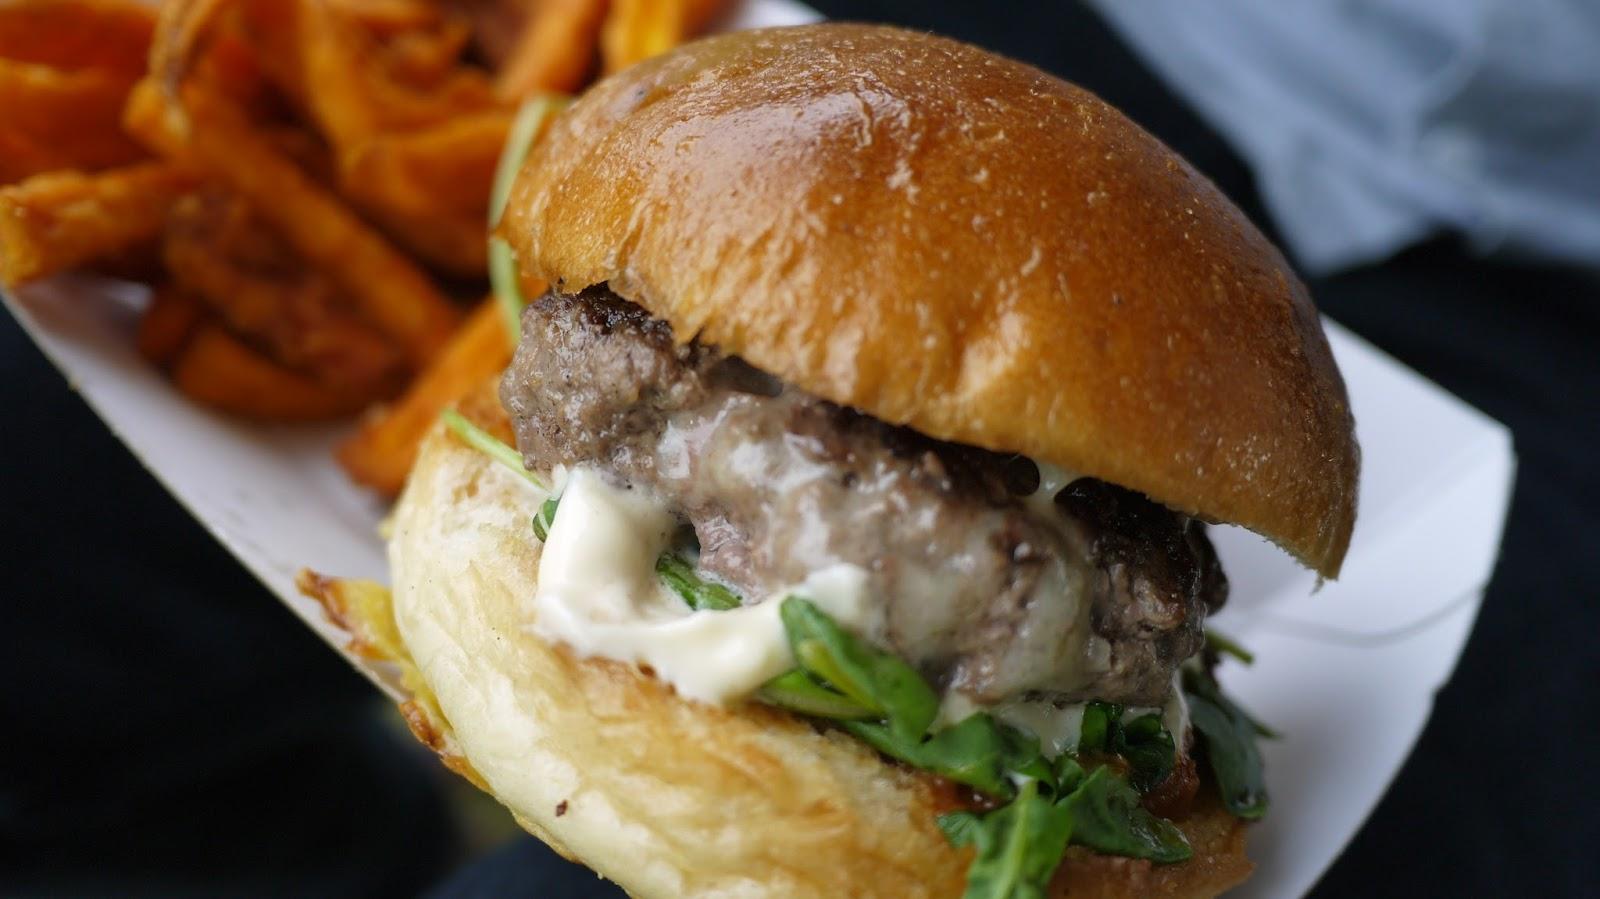 Venison burger at Hampton Court Palace Festival